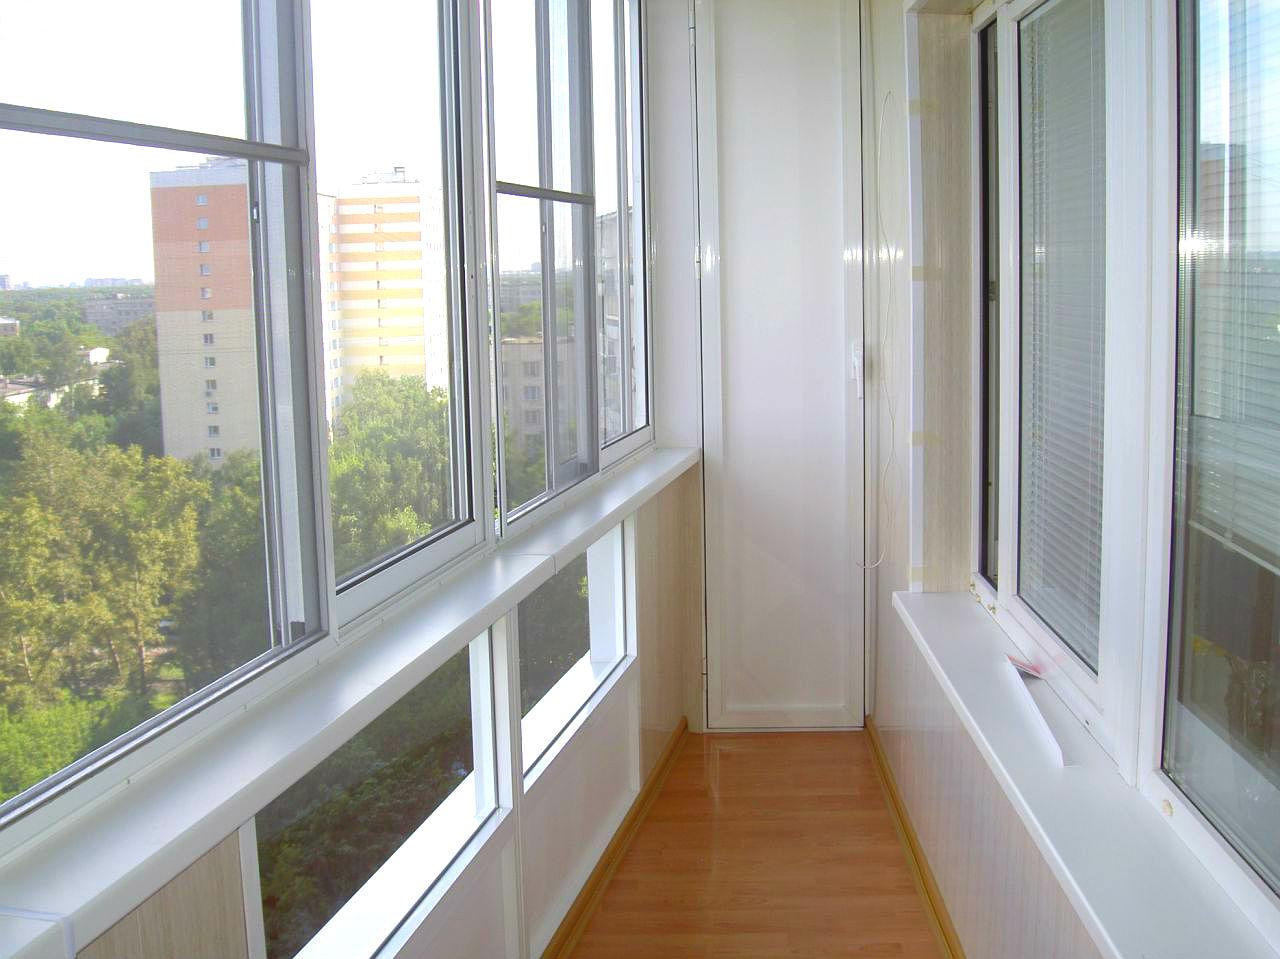 Остекление балконов пластиковыми окнами срезать ли перила..